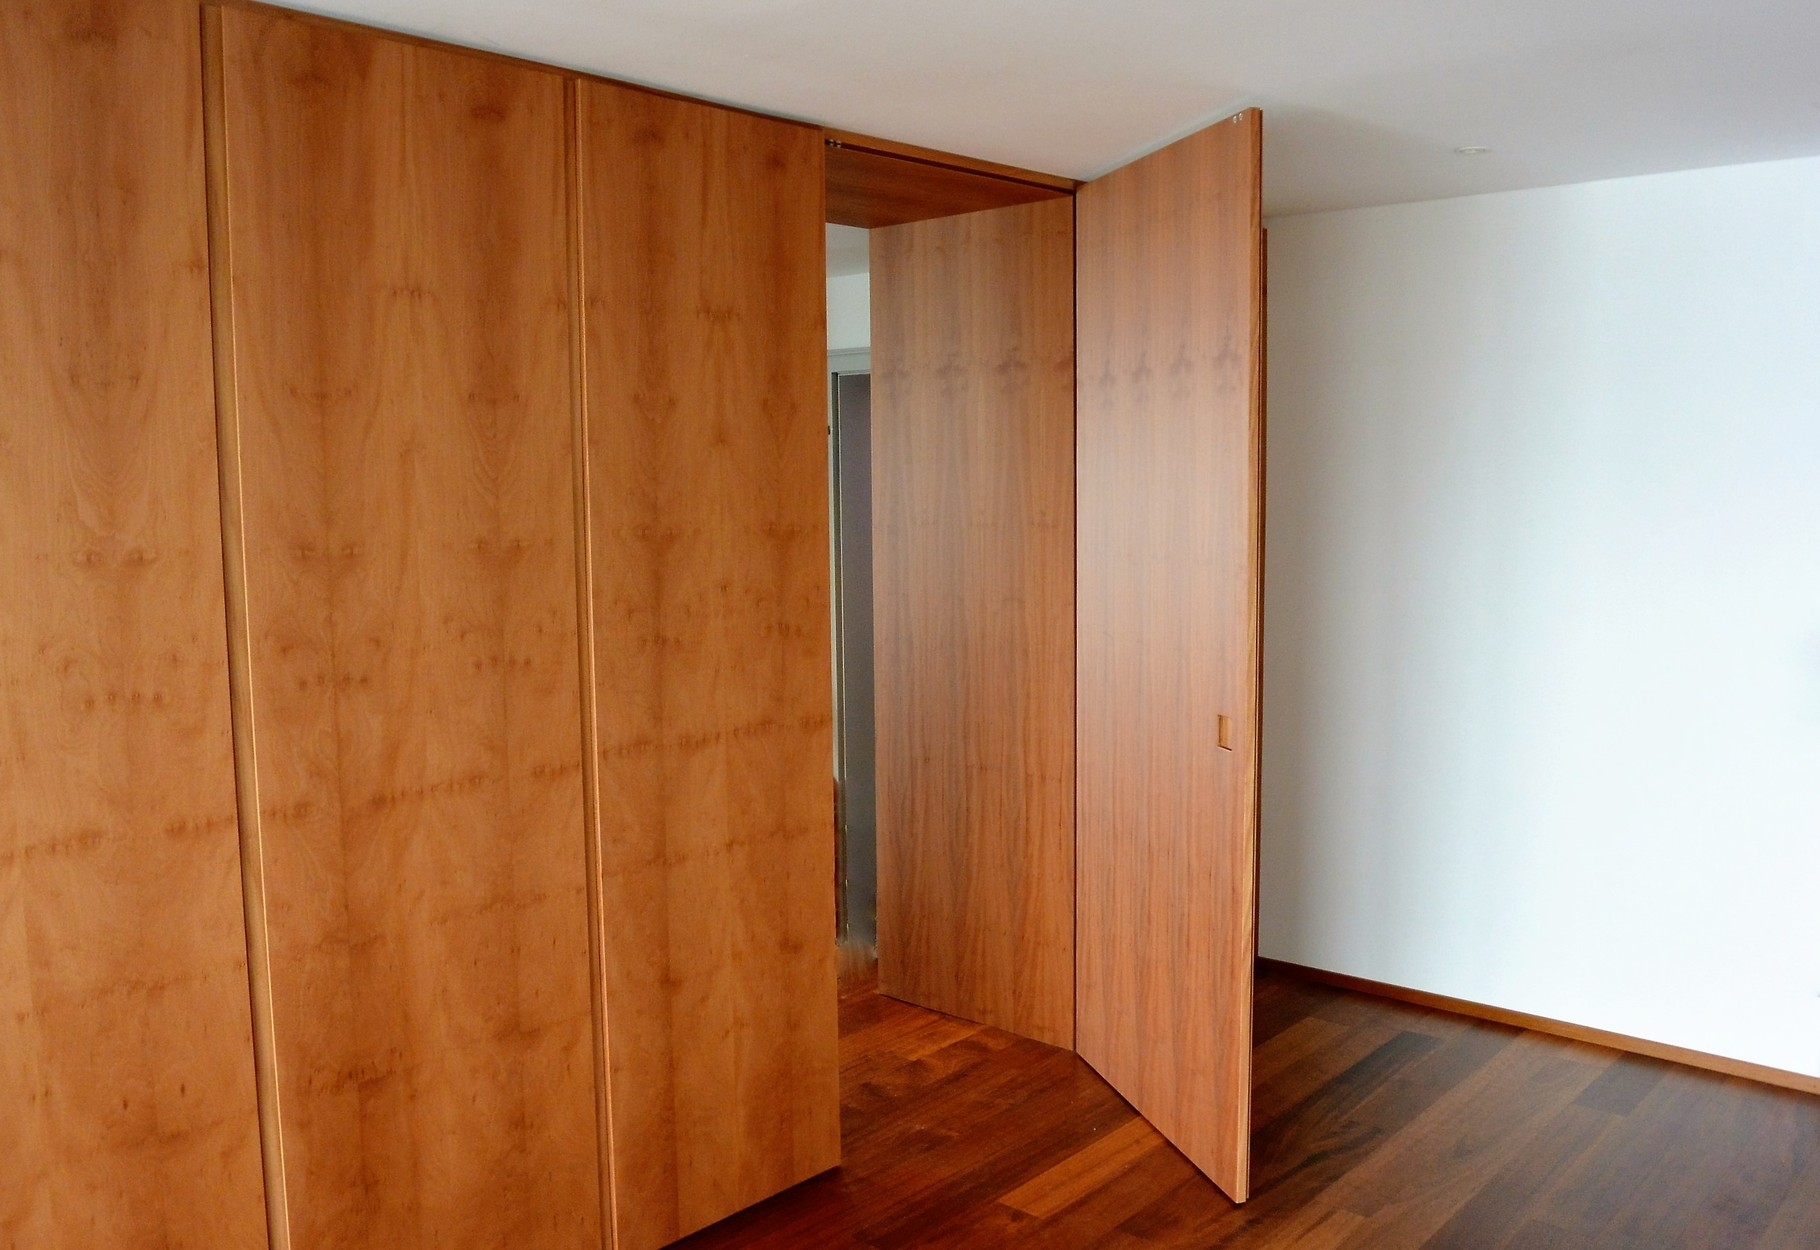 Amerikanischer Kühlschrank Umbauschrank : Küche einbauschrank für kühlschrank komplette l form küche mit